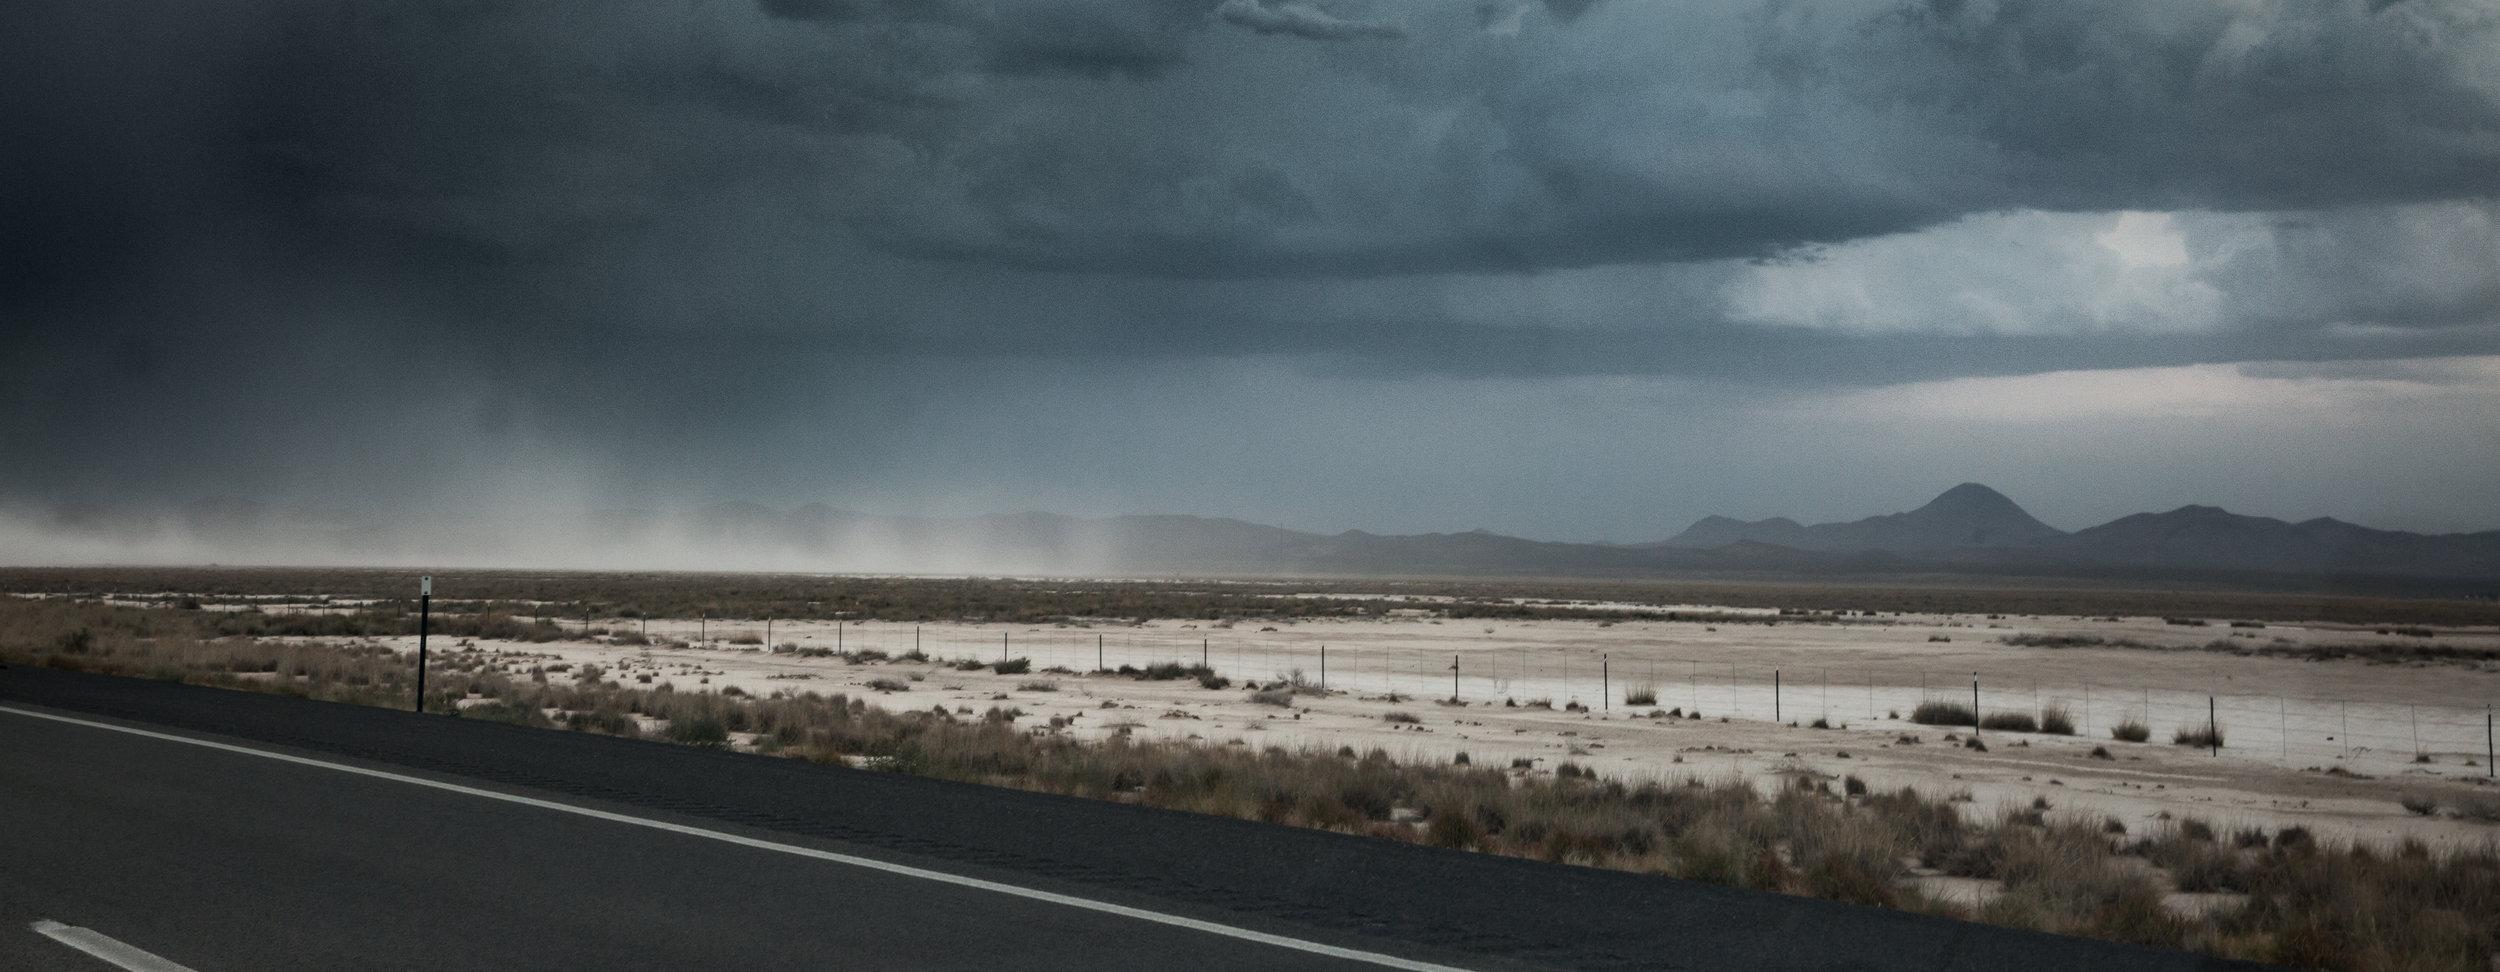 Roadtrip-5.jpg